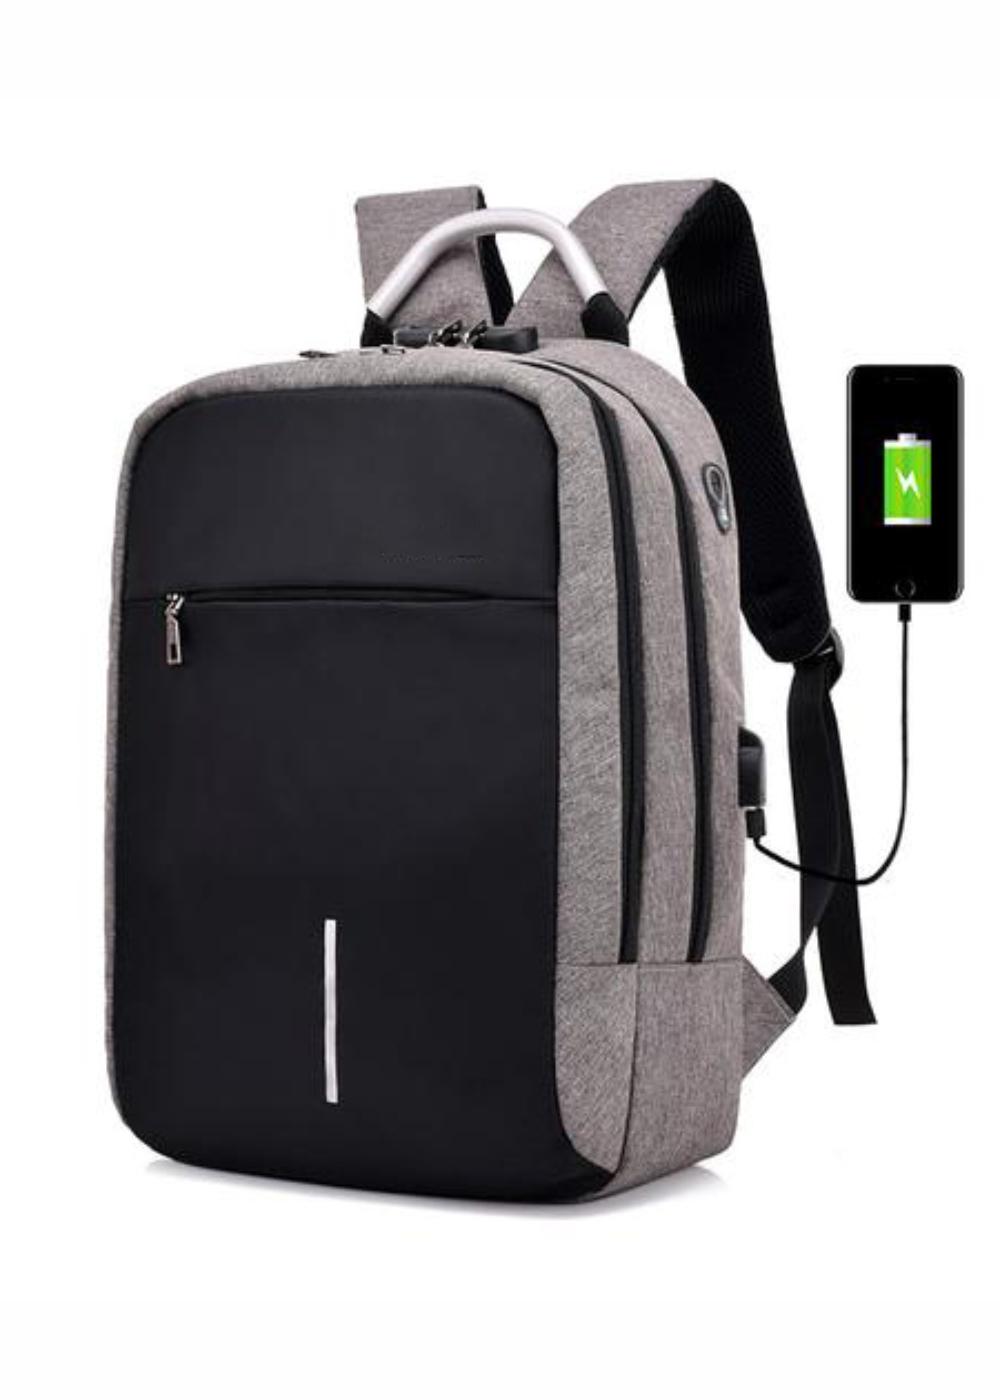 balo thời trang nam nữ cao cấp có lớp chống sốc đựng laptop TF 4.0 3